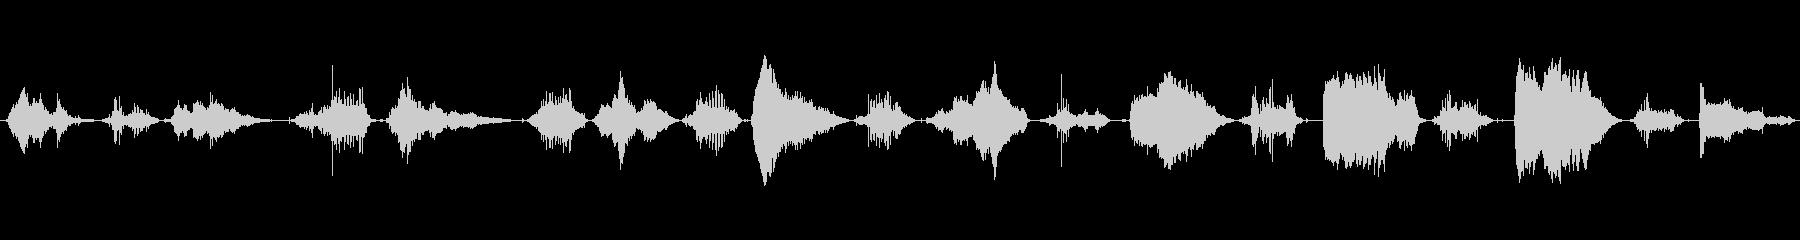 鳴き声 男性の睡眠いびき01の未再生の波形